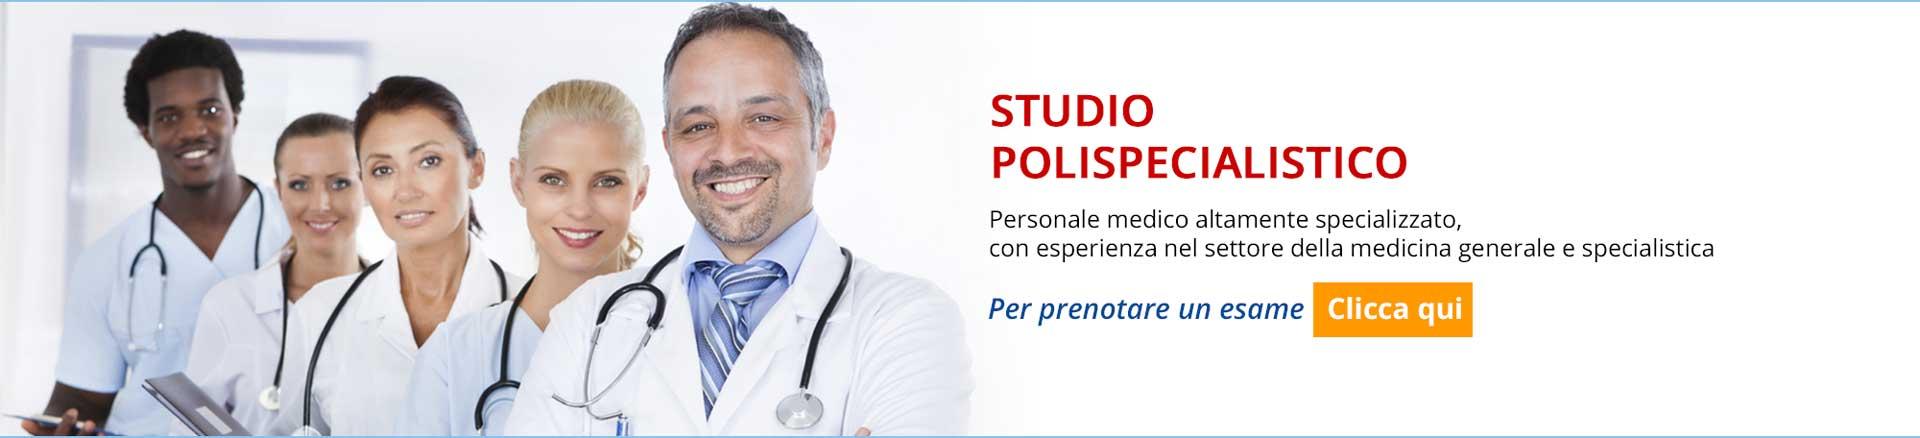 Studio Polispecialistico Guidetti Ostia